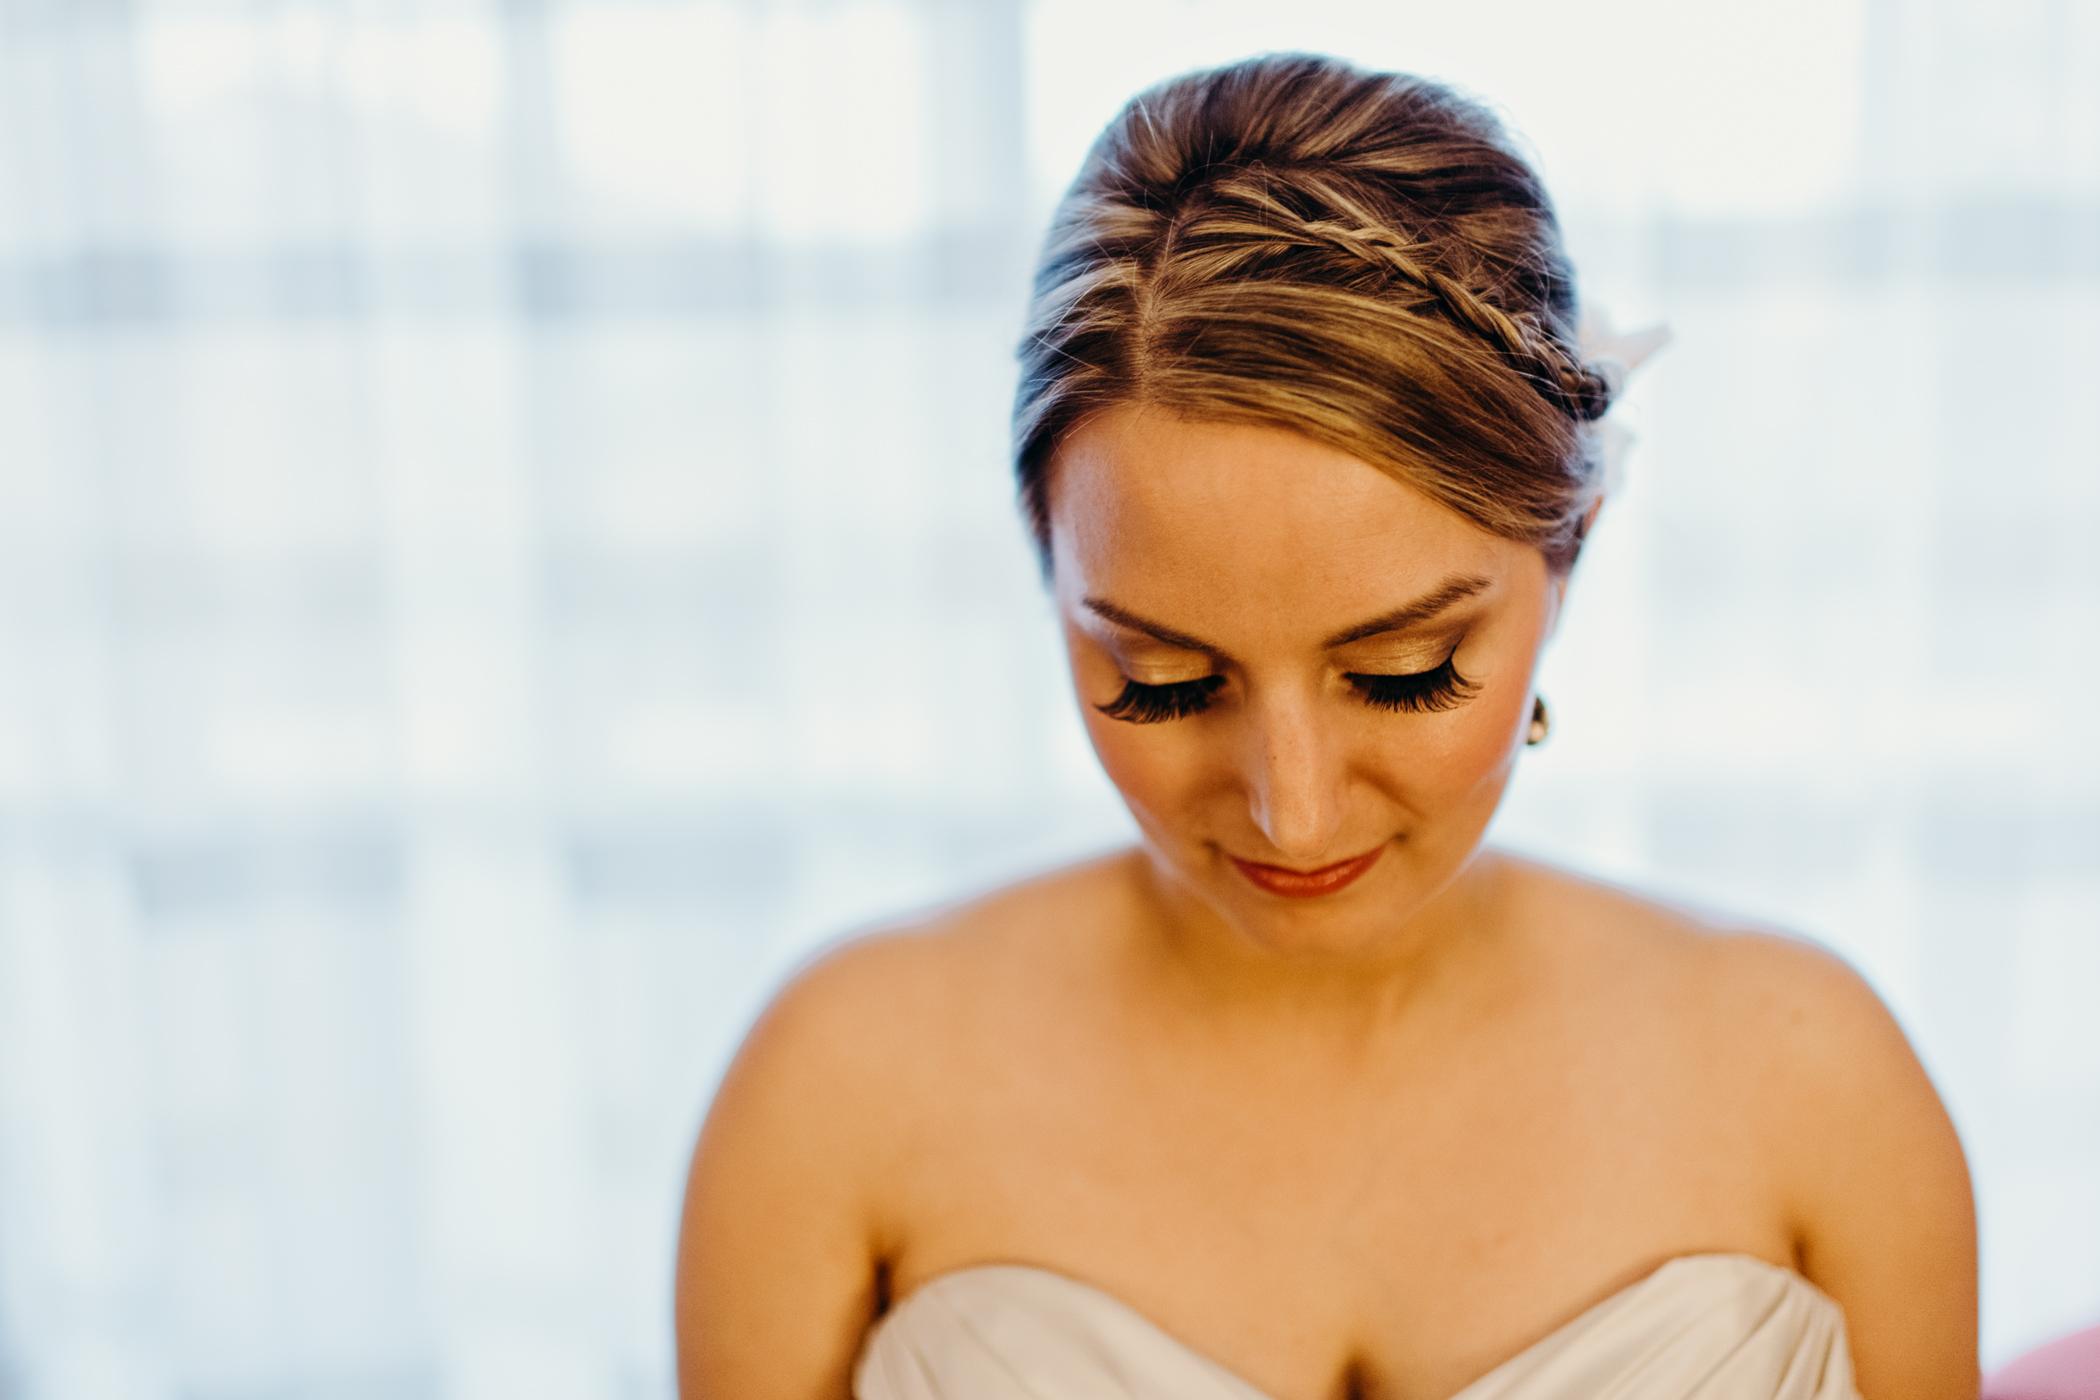 Bride's long false eyelashes